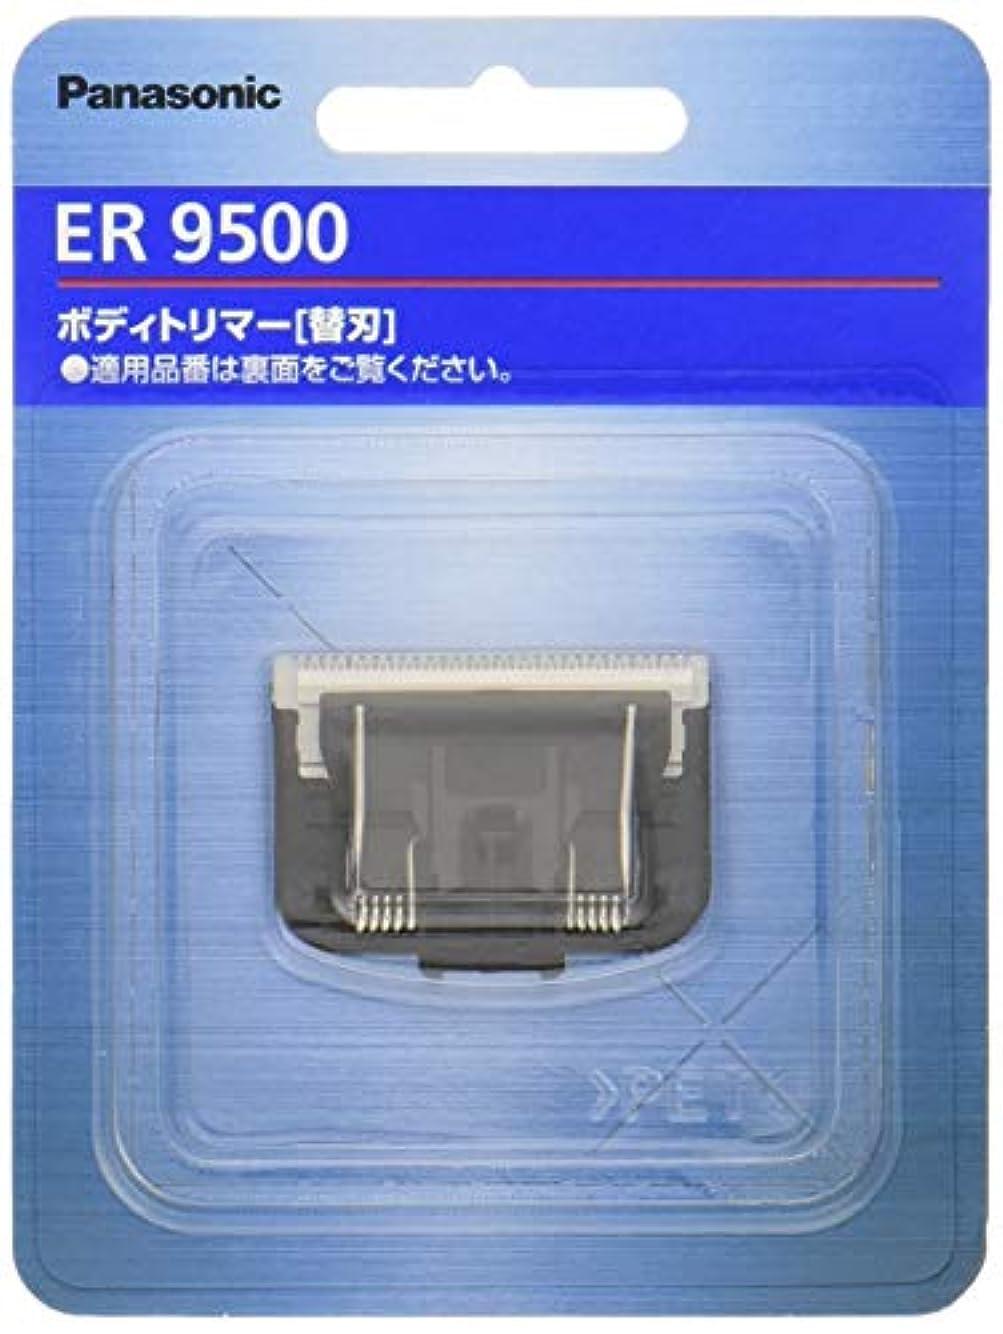 工場導出クルーズパナソニック 替刃 ボディトリマー用 ER9500